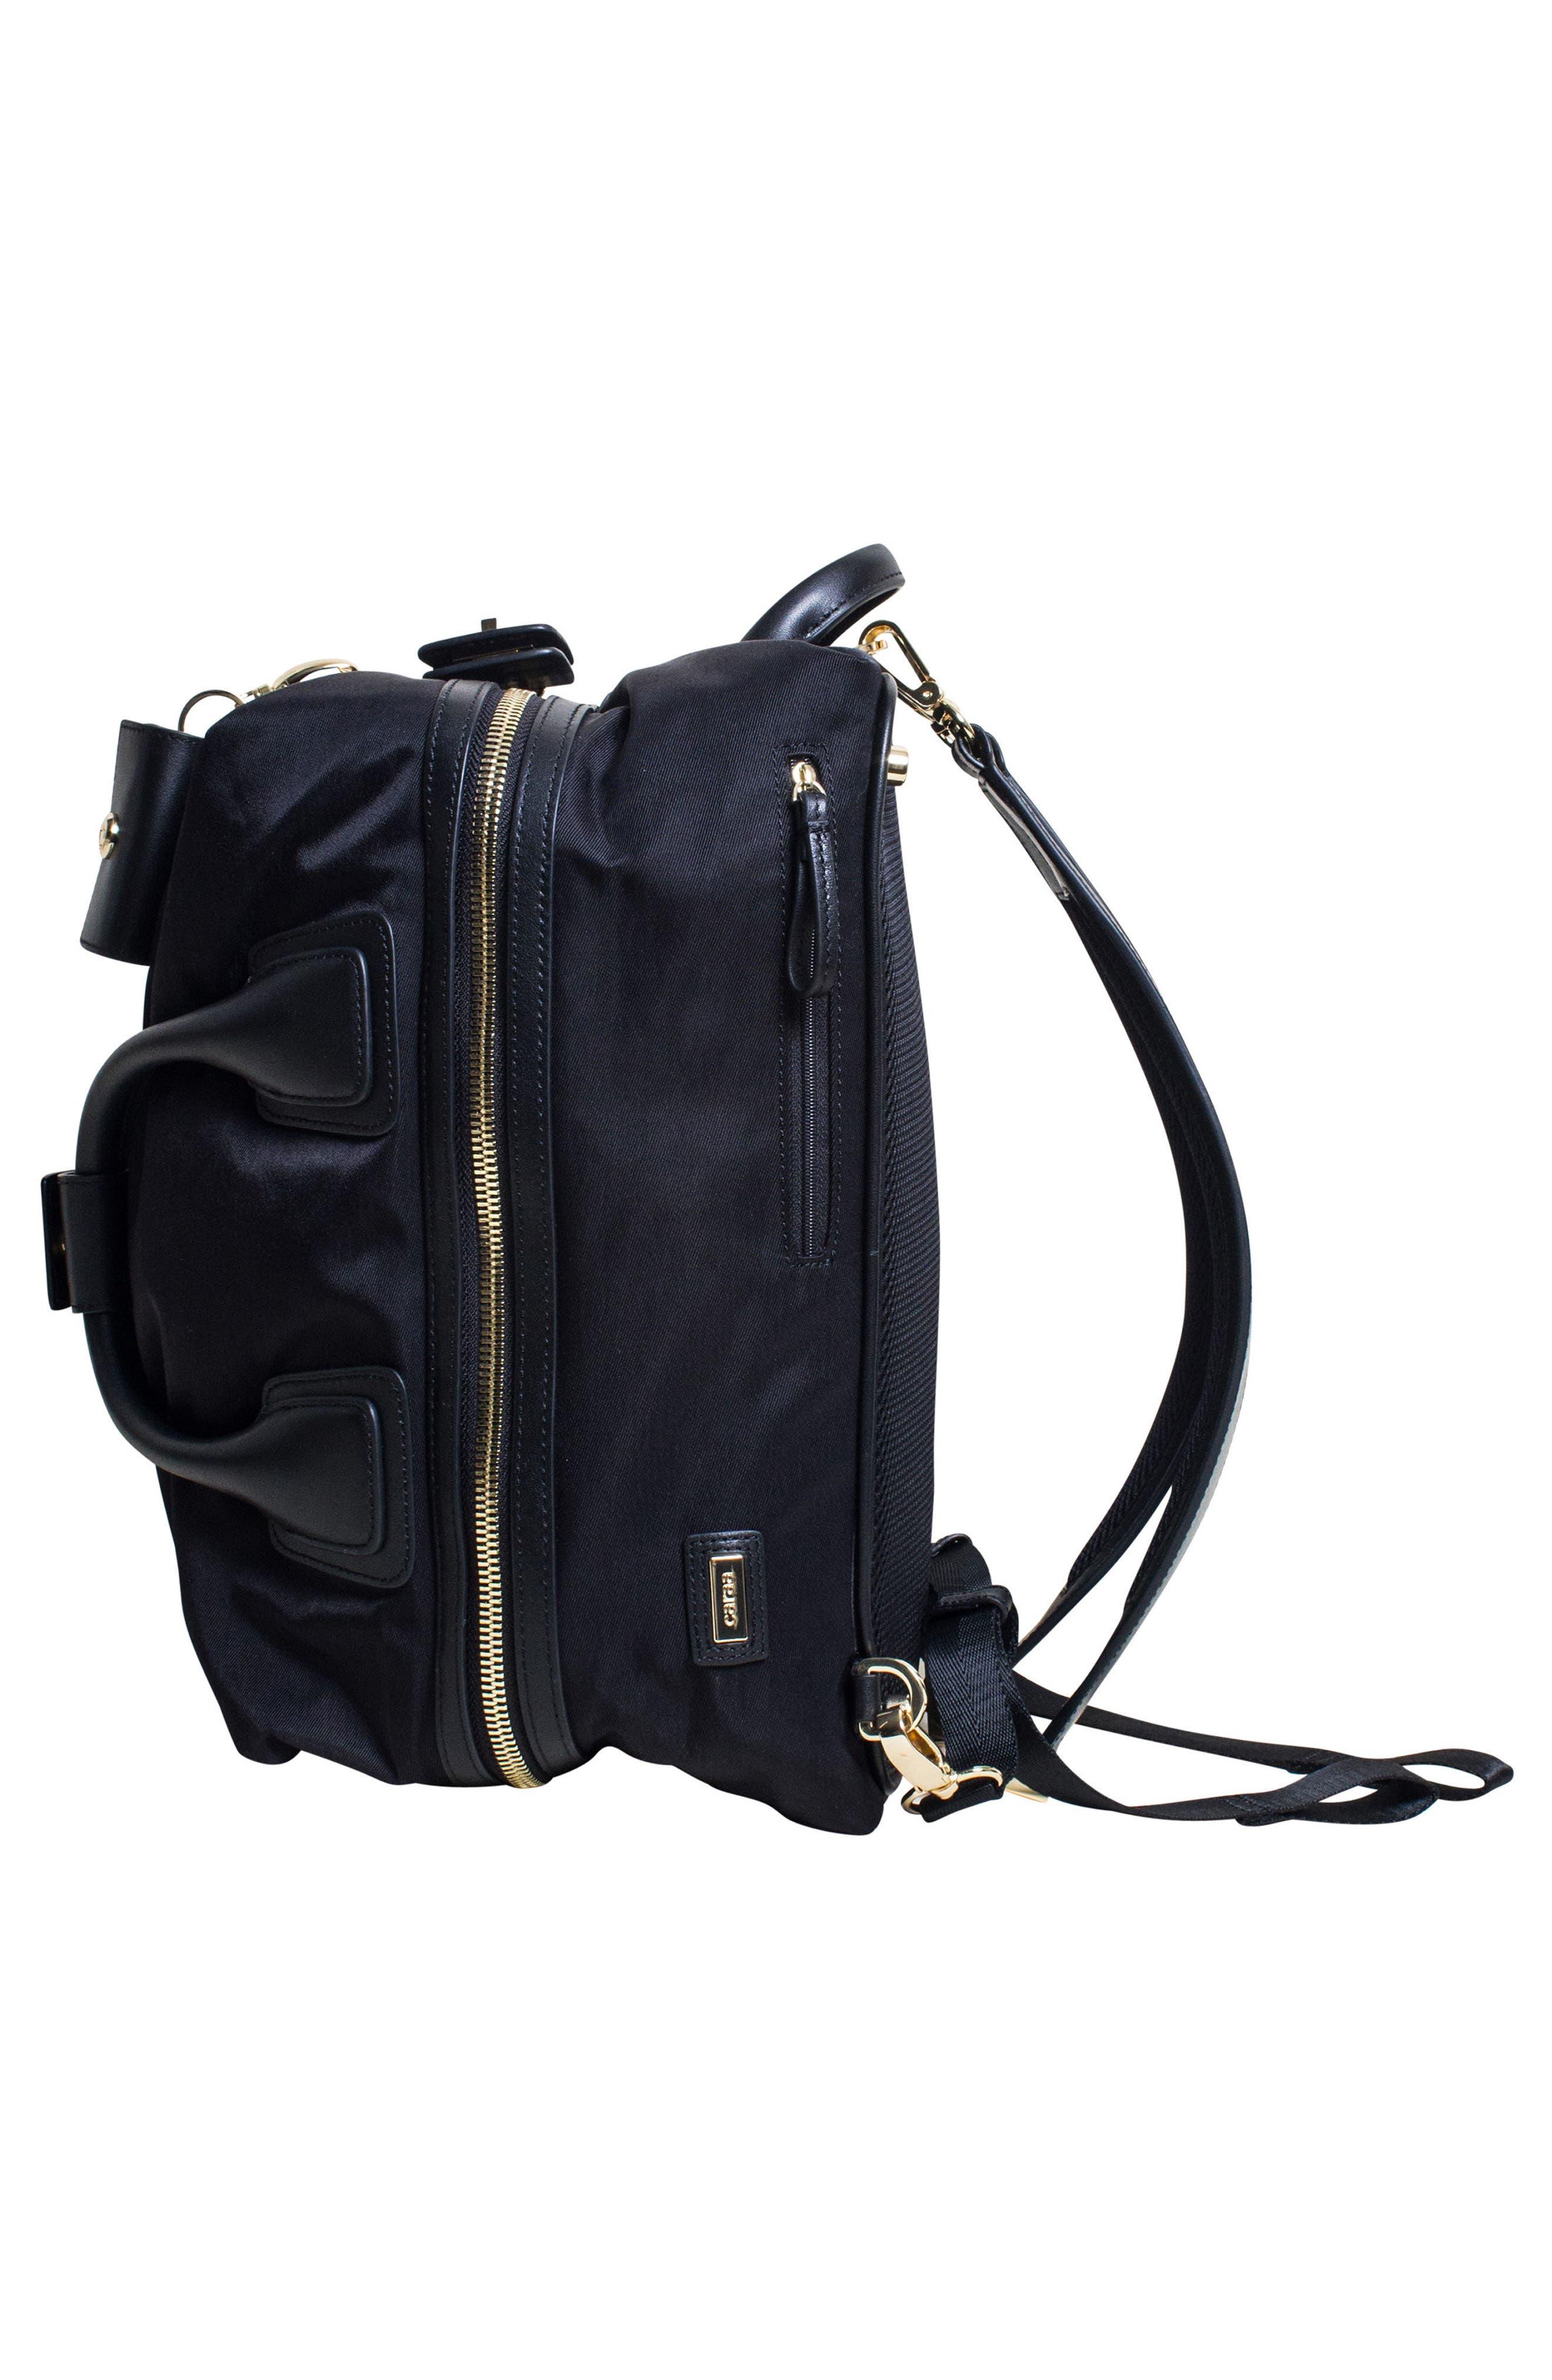 Studio Duffel Backpack,                             Alternate thumbnail 5, color,                             Black